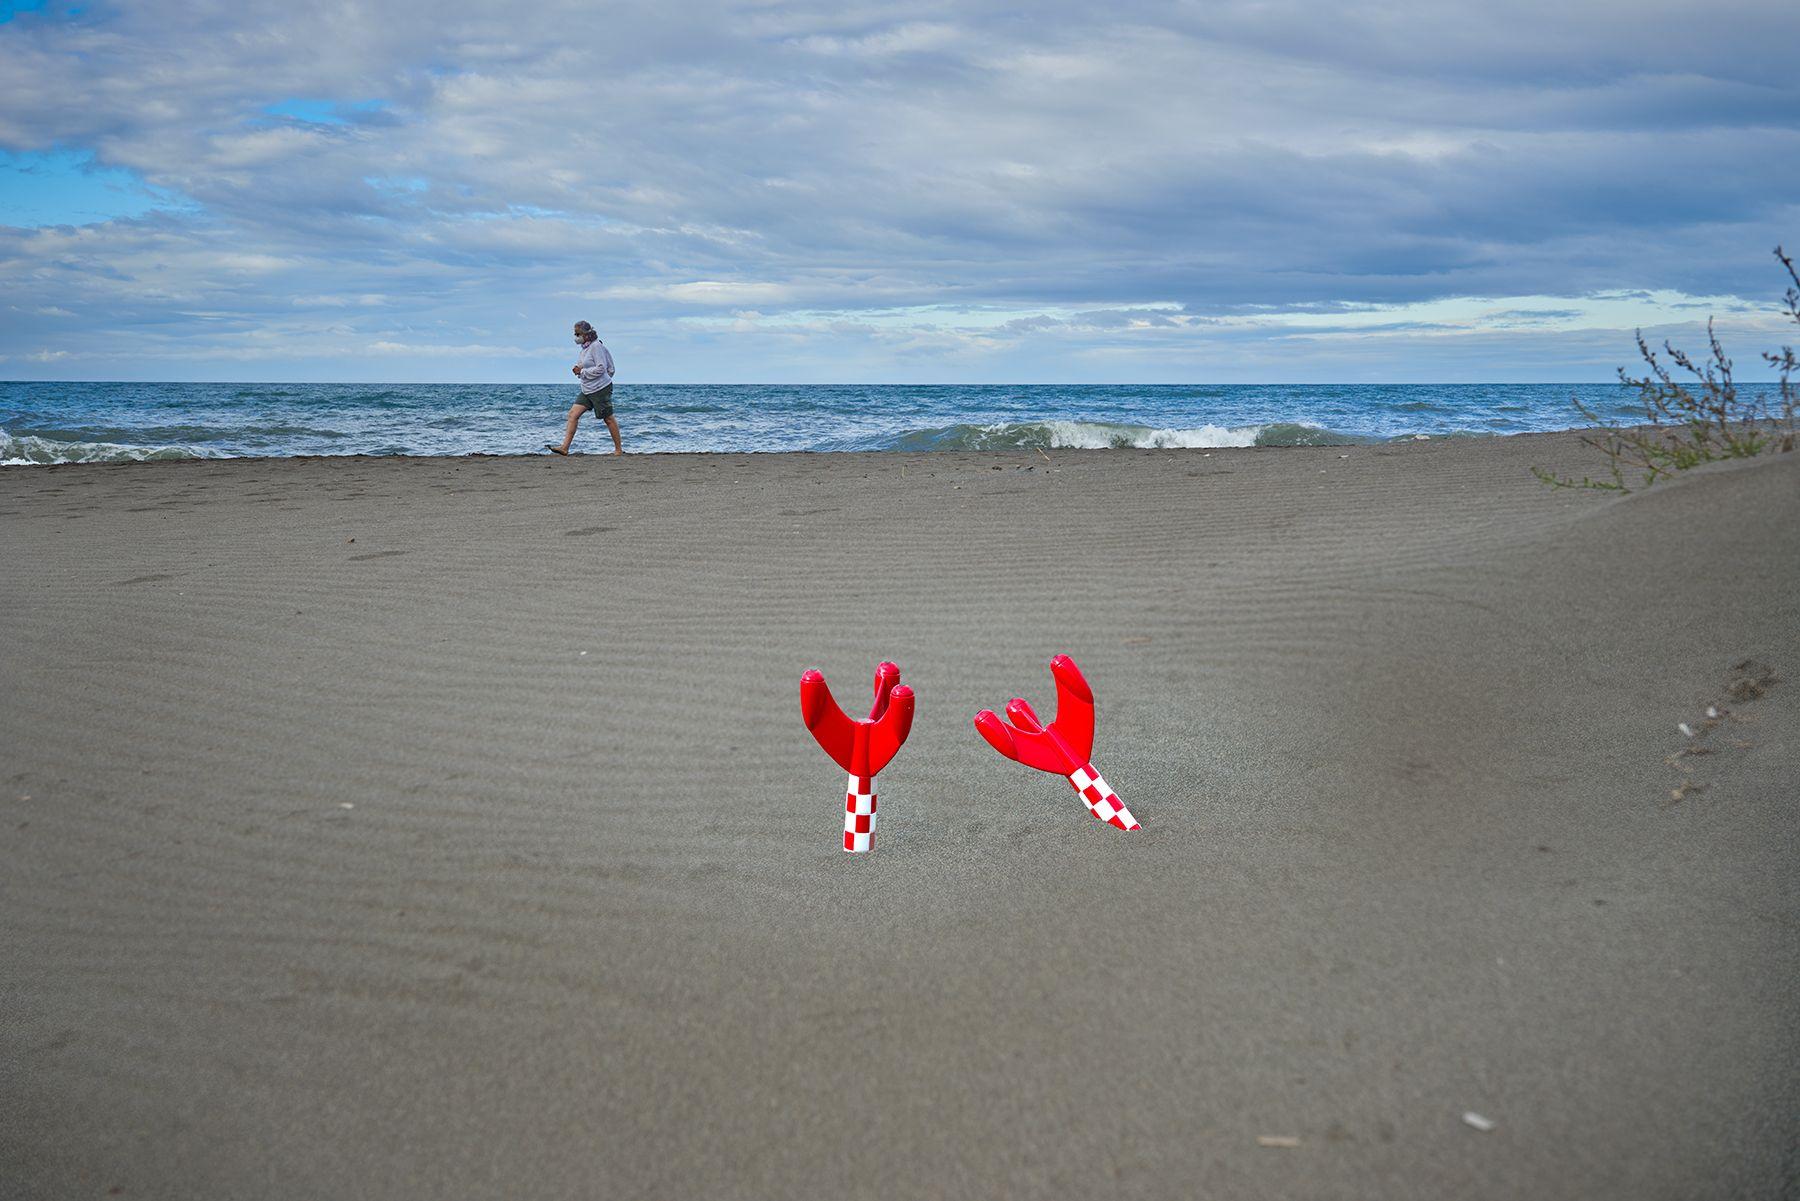 #basura espacial #flores en la playa